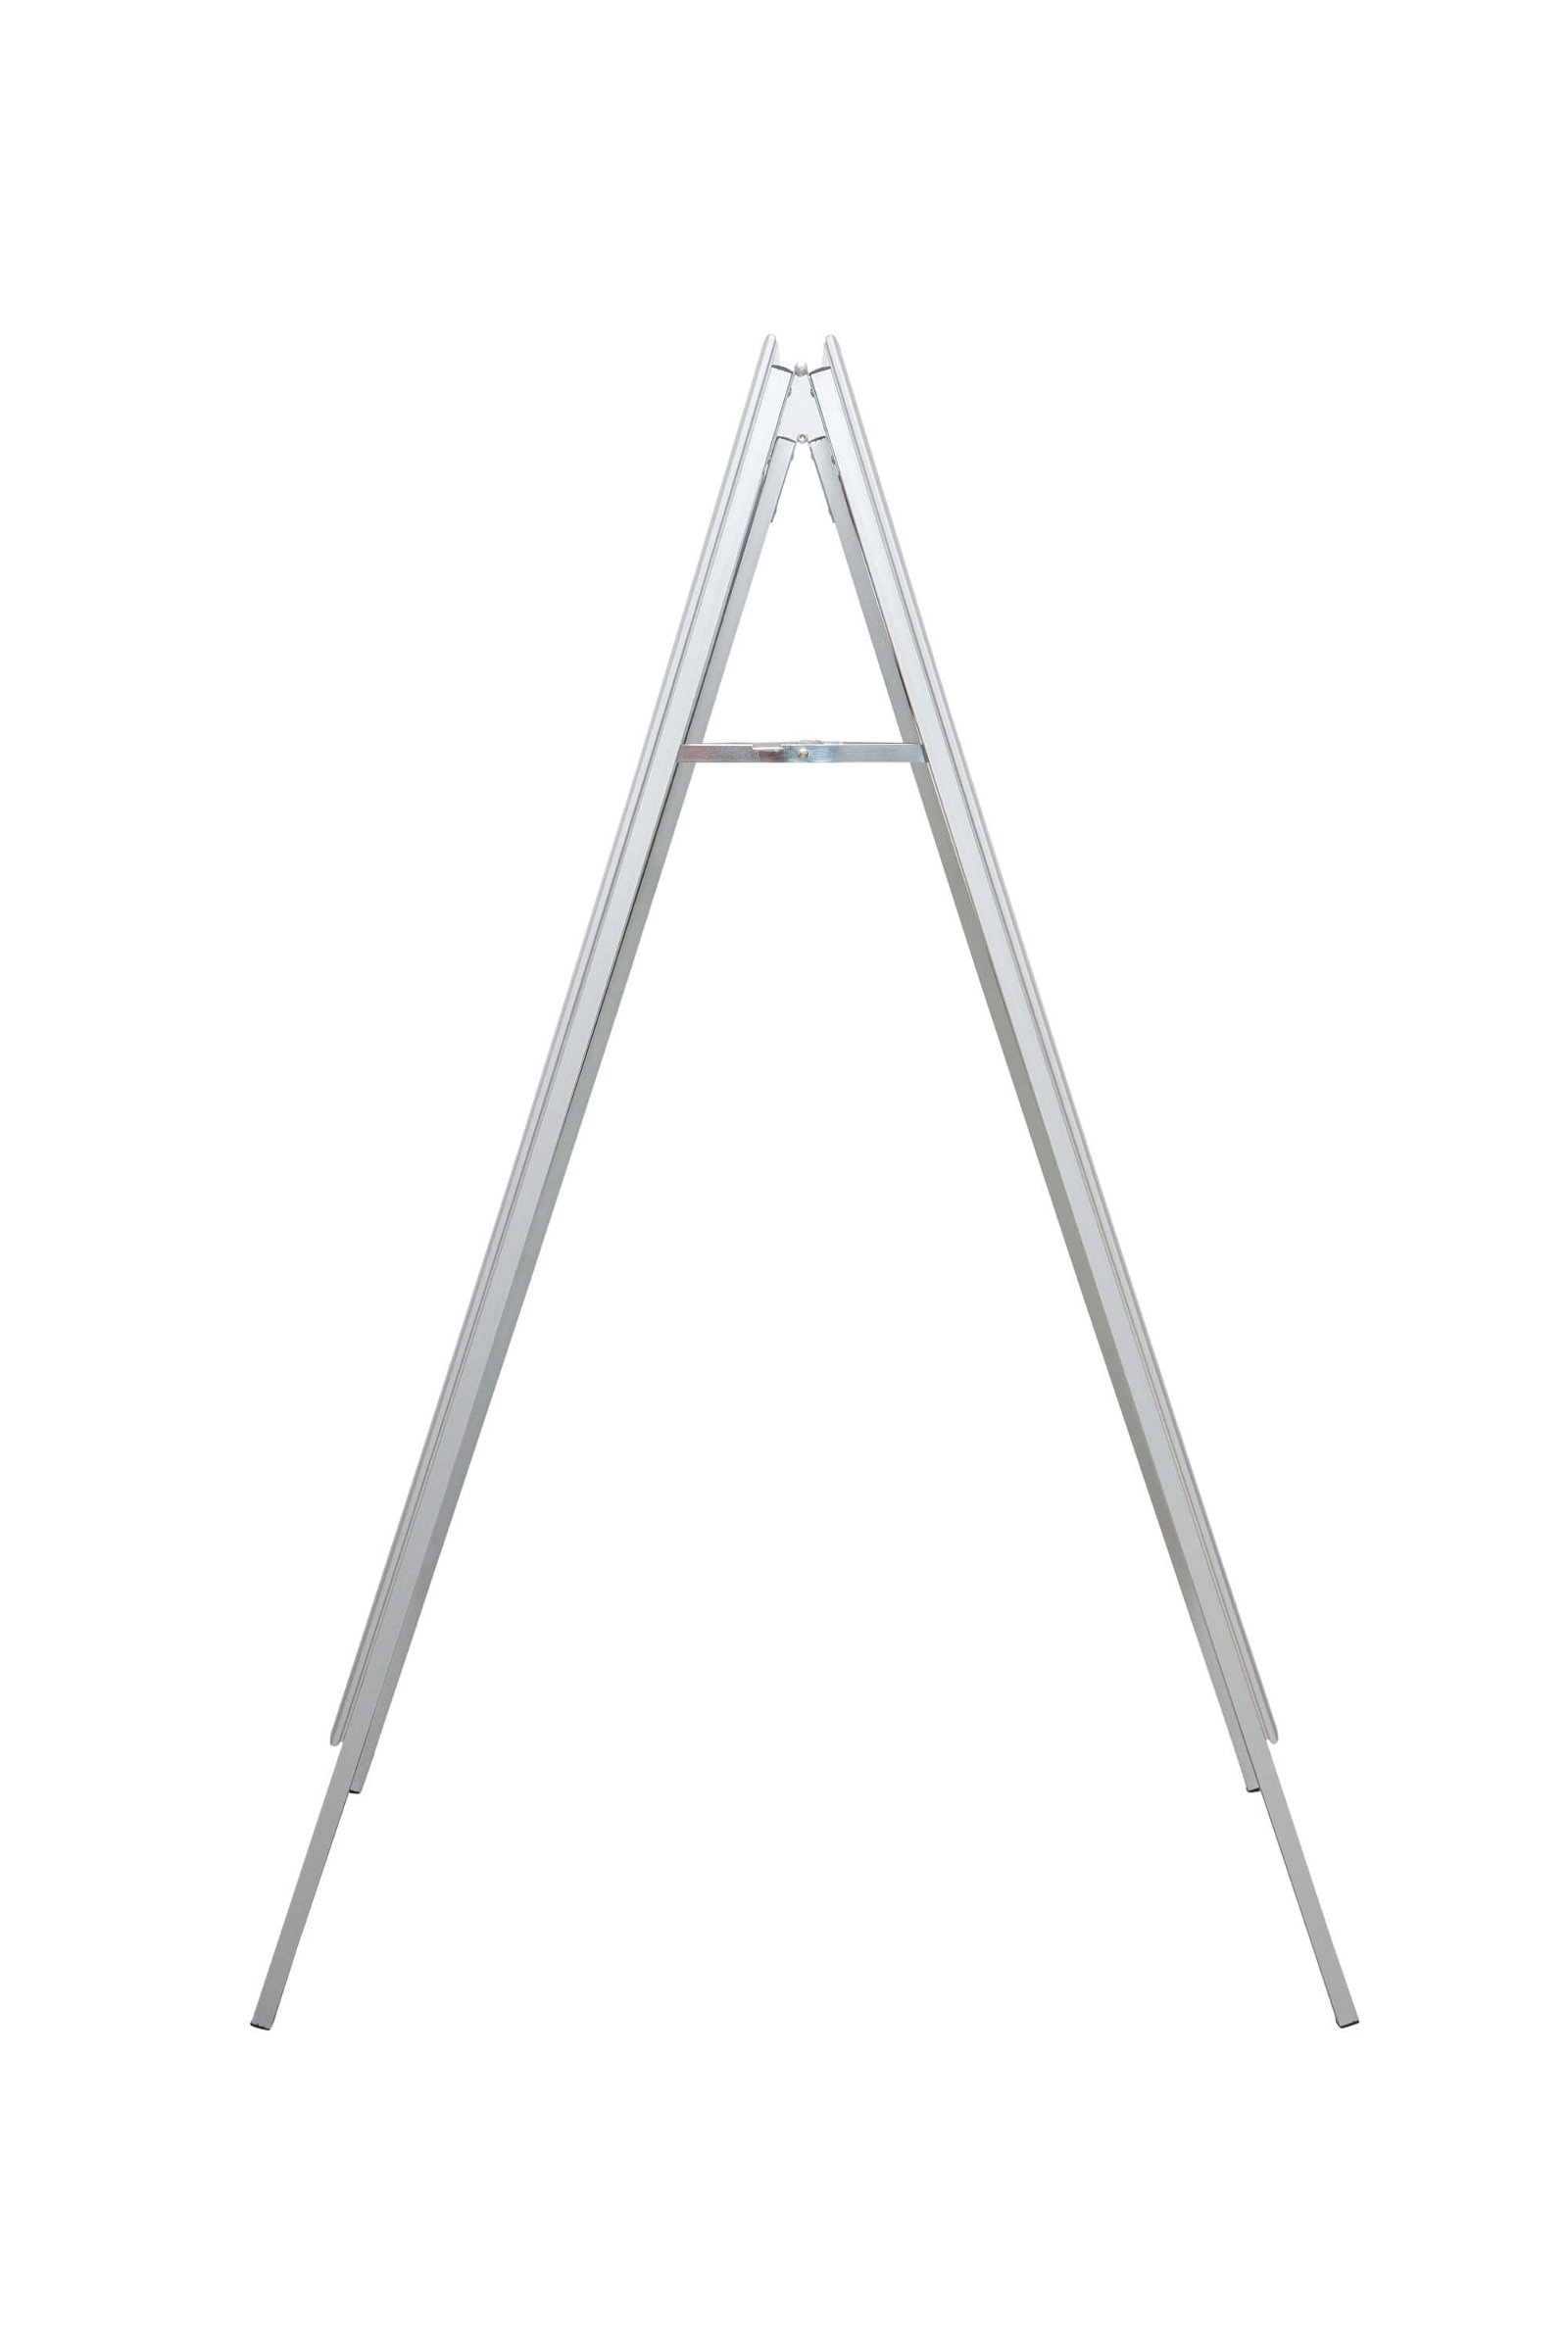 Kundenstopper MAULpublic, A0, aluminium